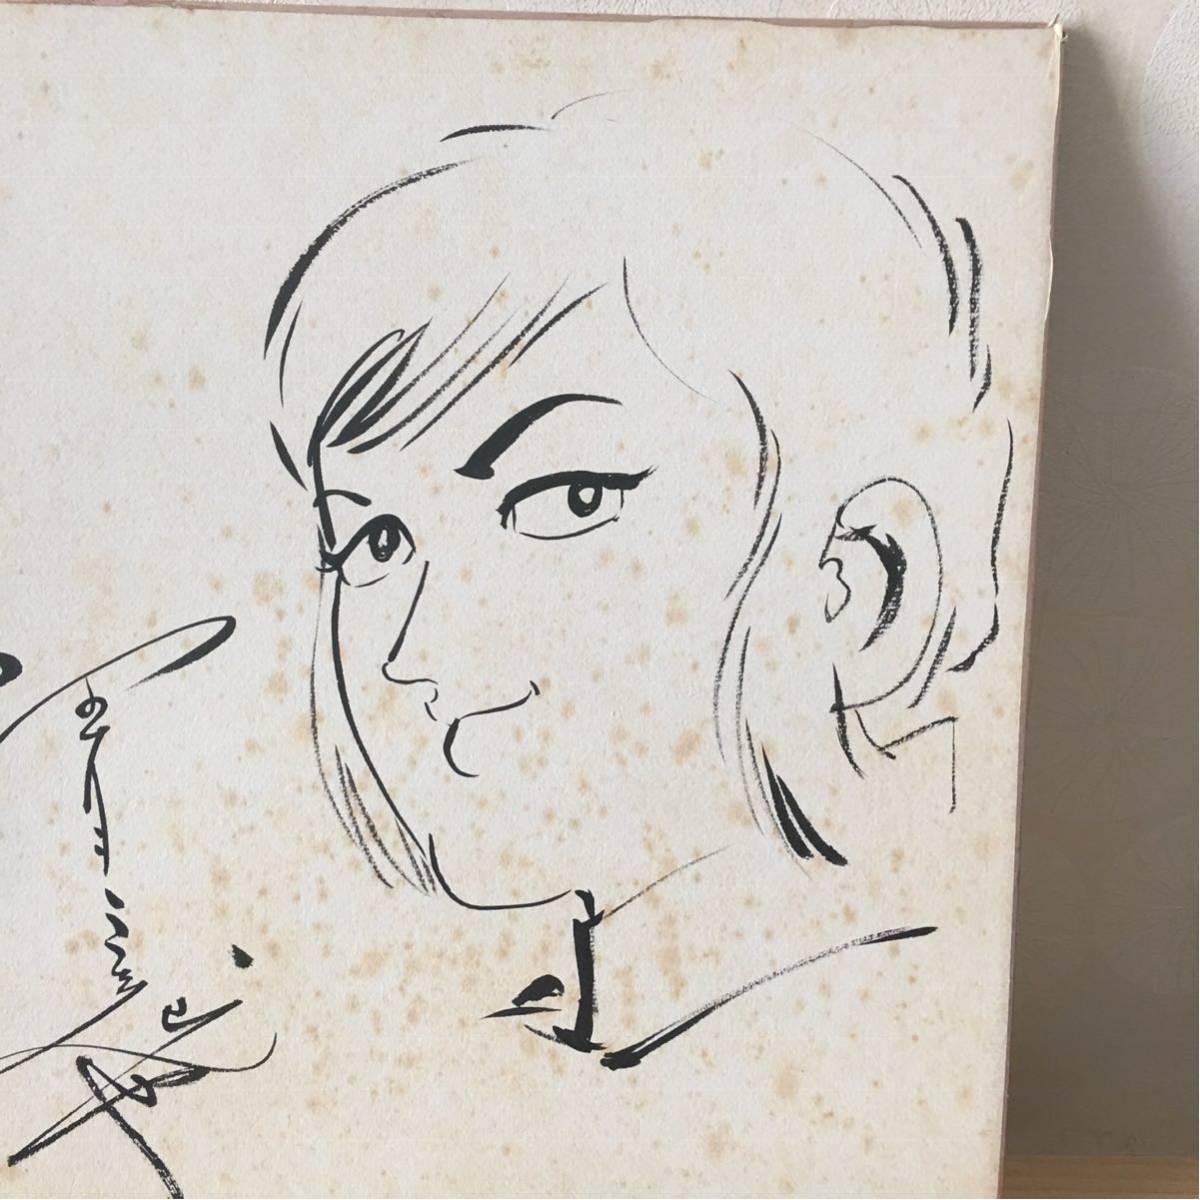 レア★望月三起也 直筆 イラスト入り サイン色紙★_画像3